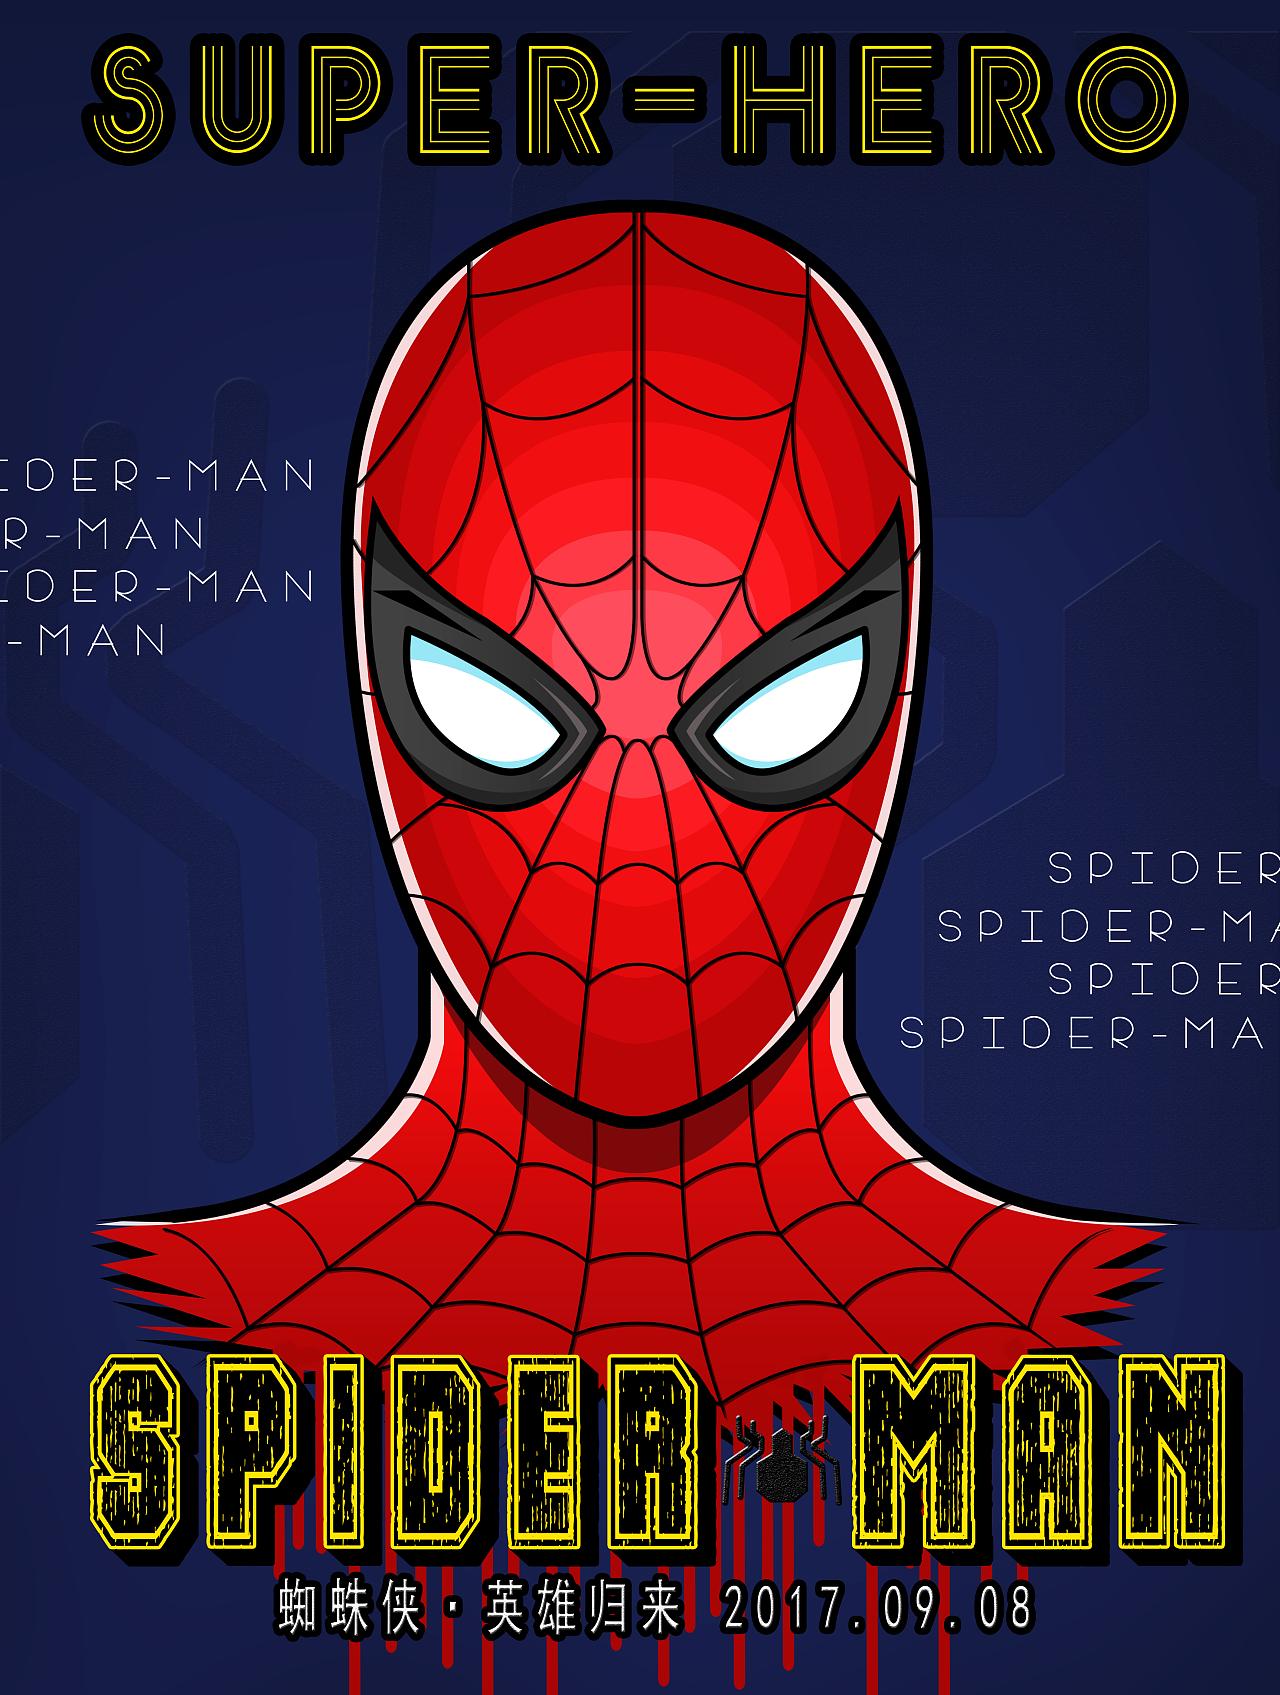 蜘蛛侠·英雄归来 2017年9月8日  震撼上映图片